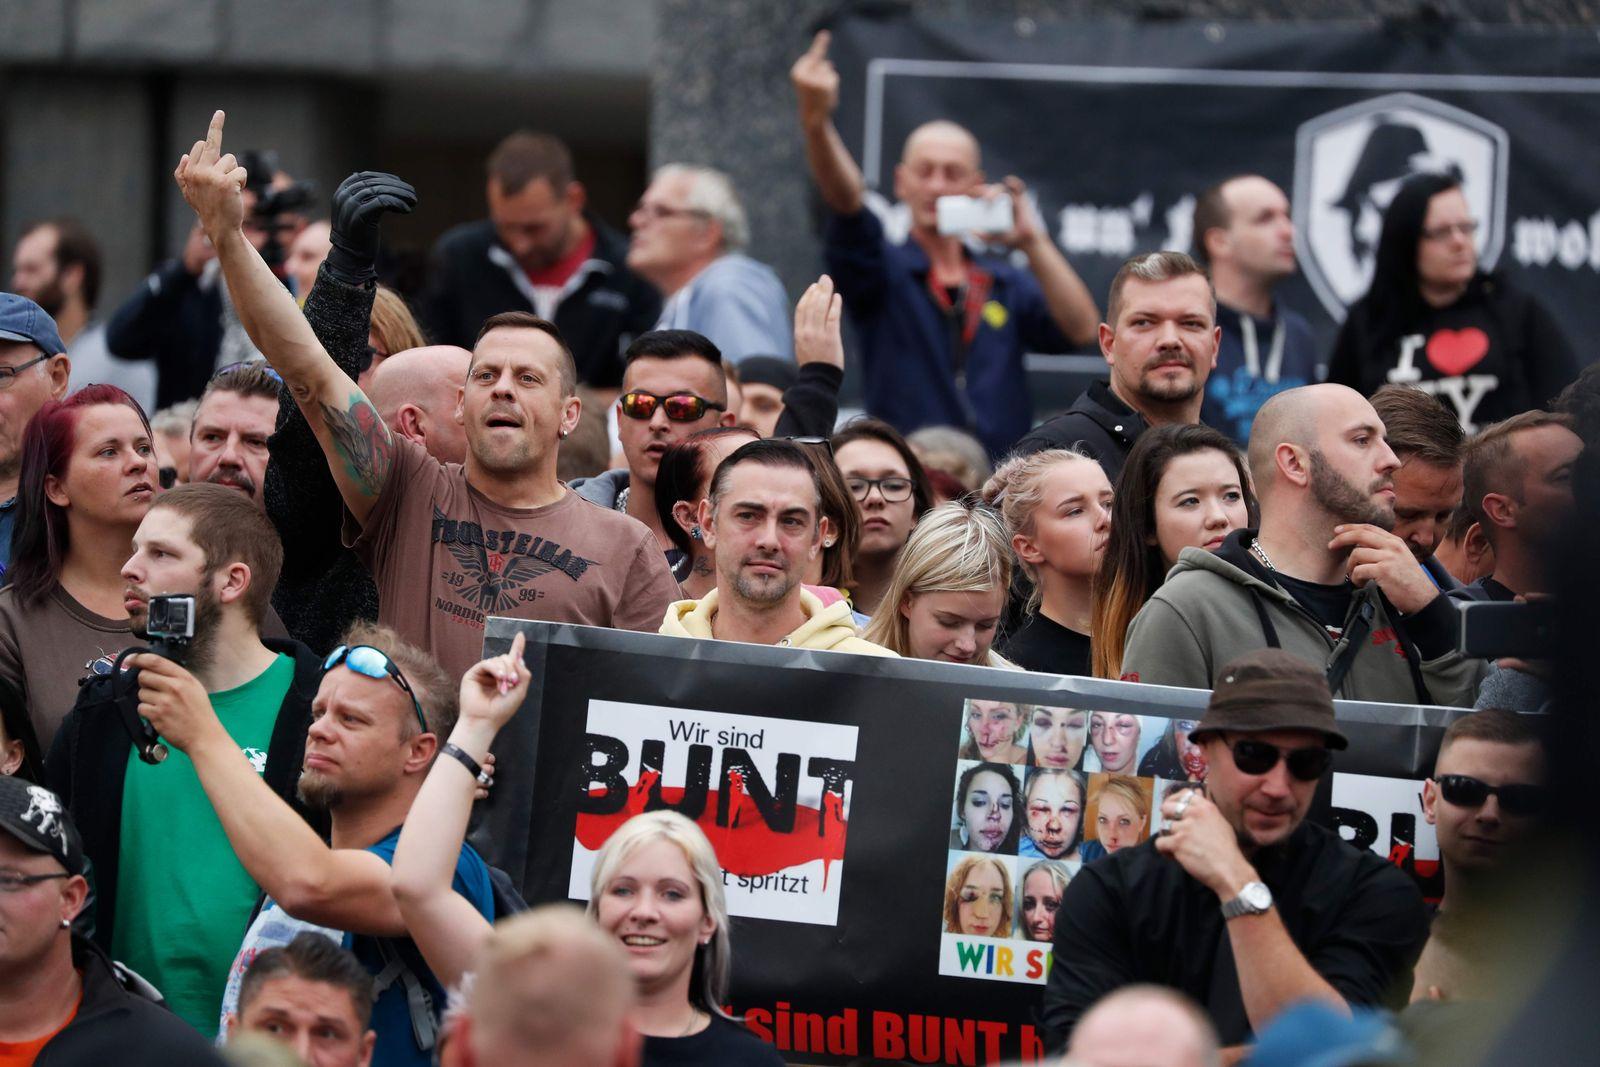 Chemnitz/ Aus Demütigung entsteht Wut Demo/ Rechts